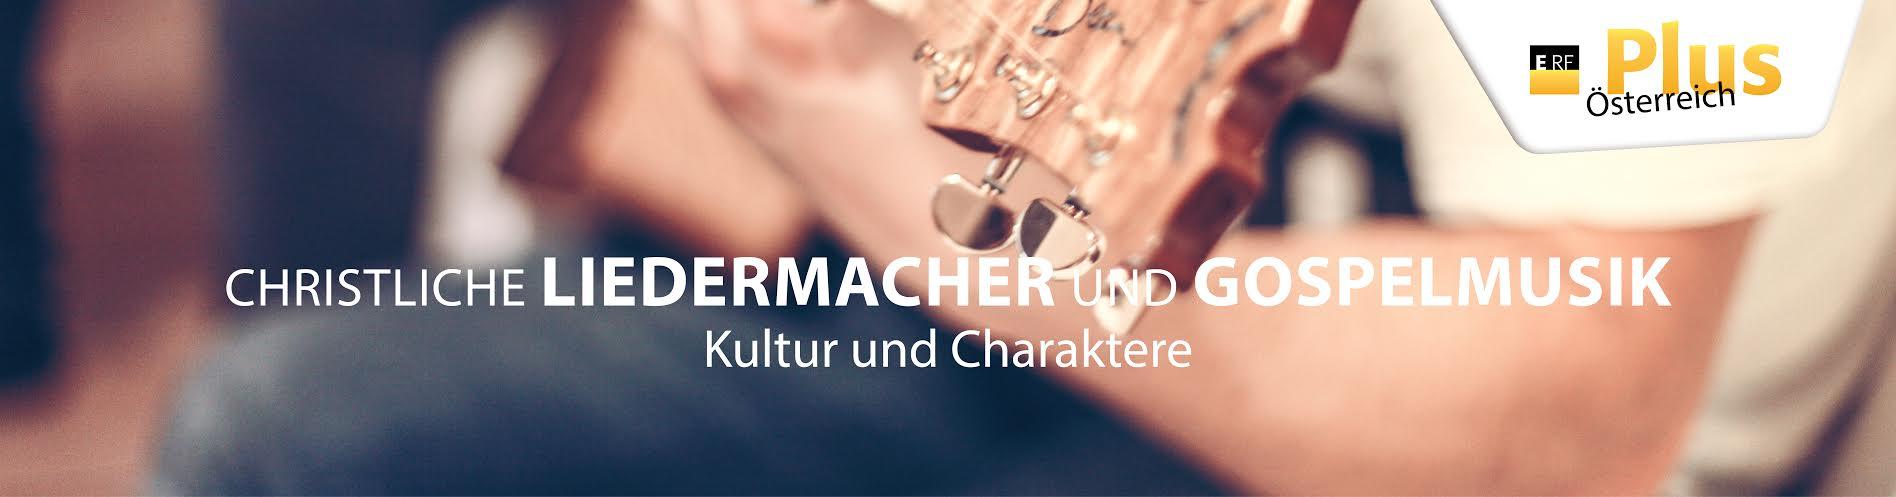 Liedermacher & Gospelmusik